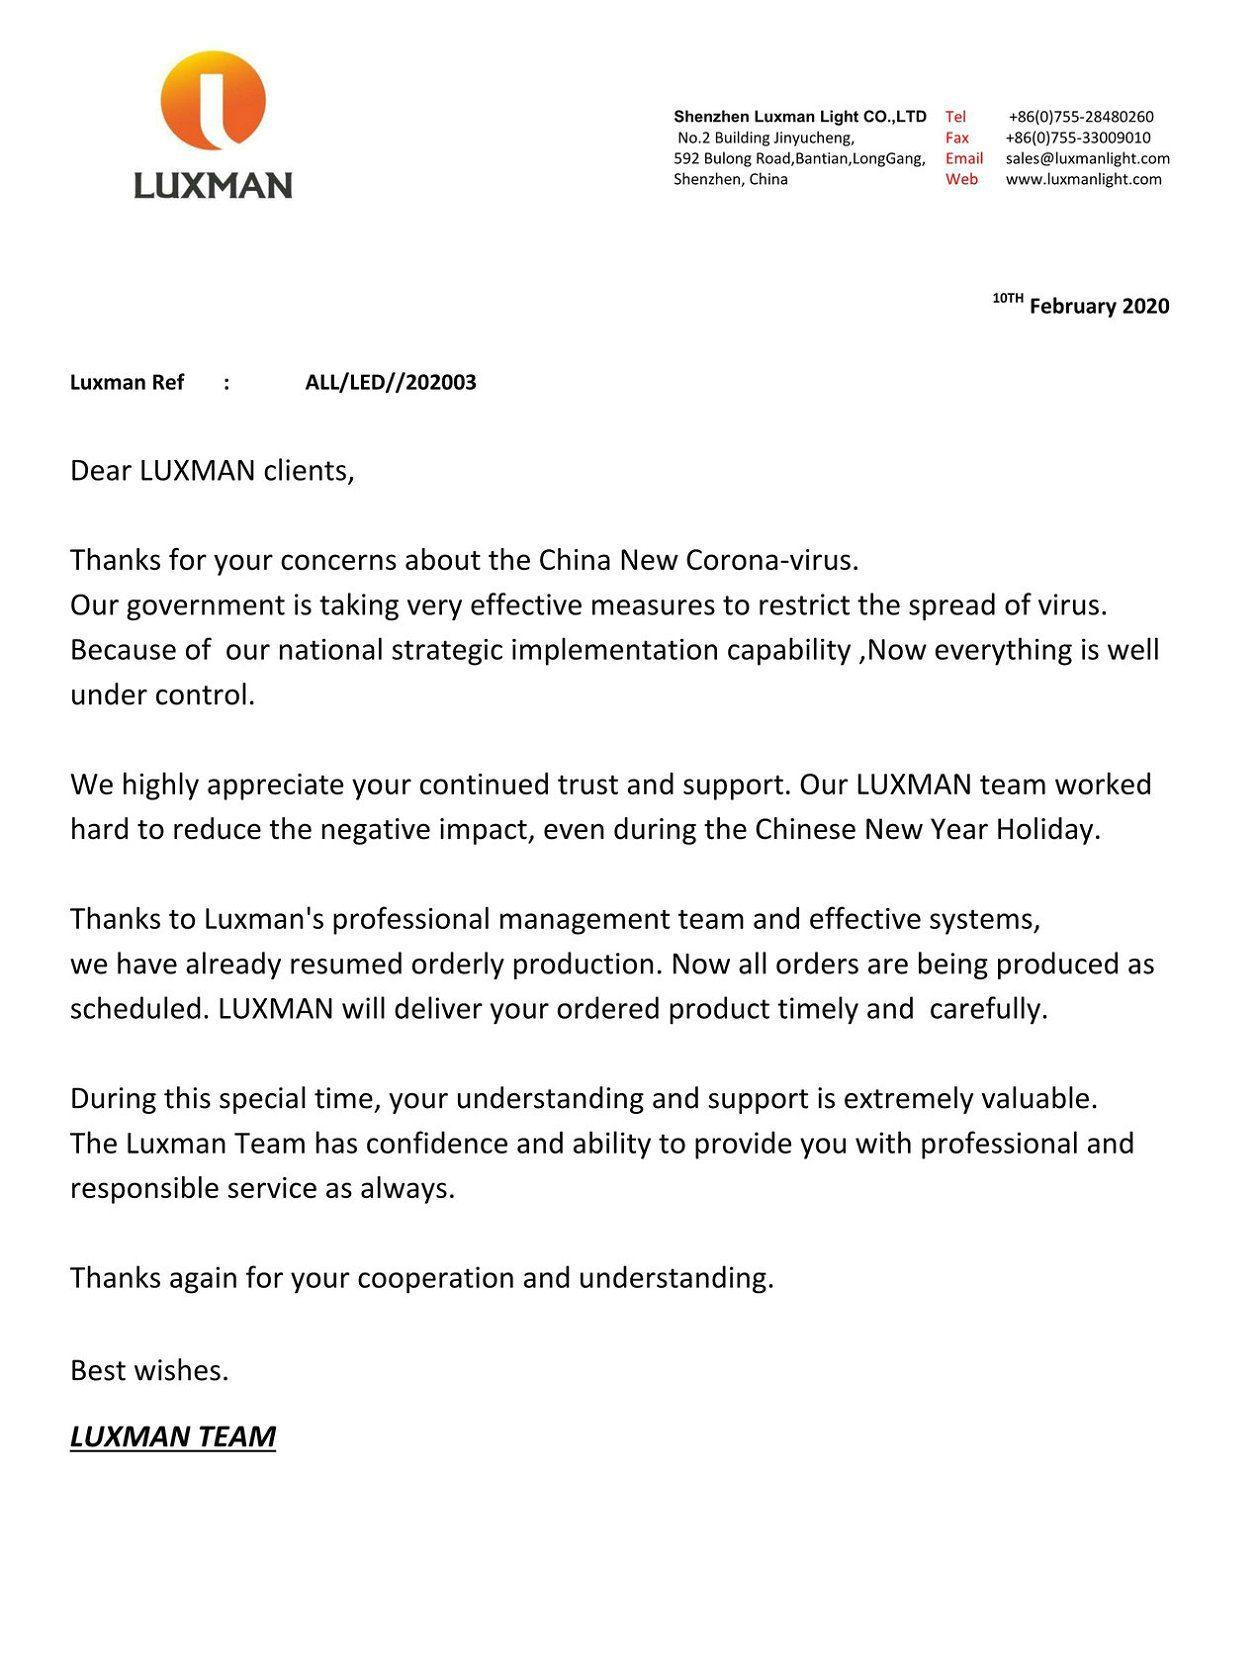 luxman light Coronavirus letter 202002